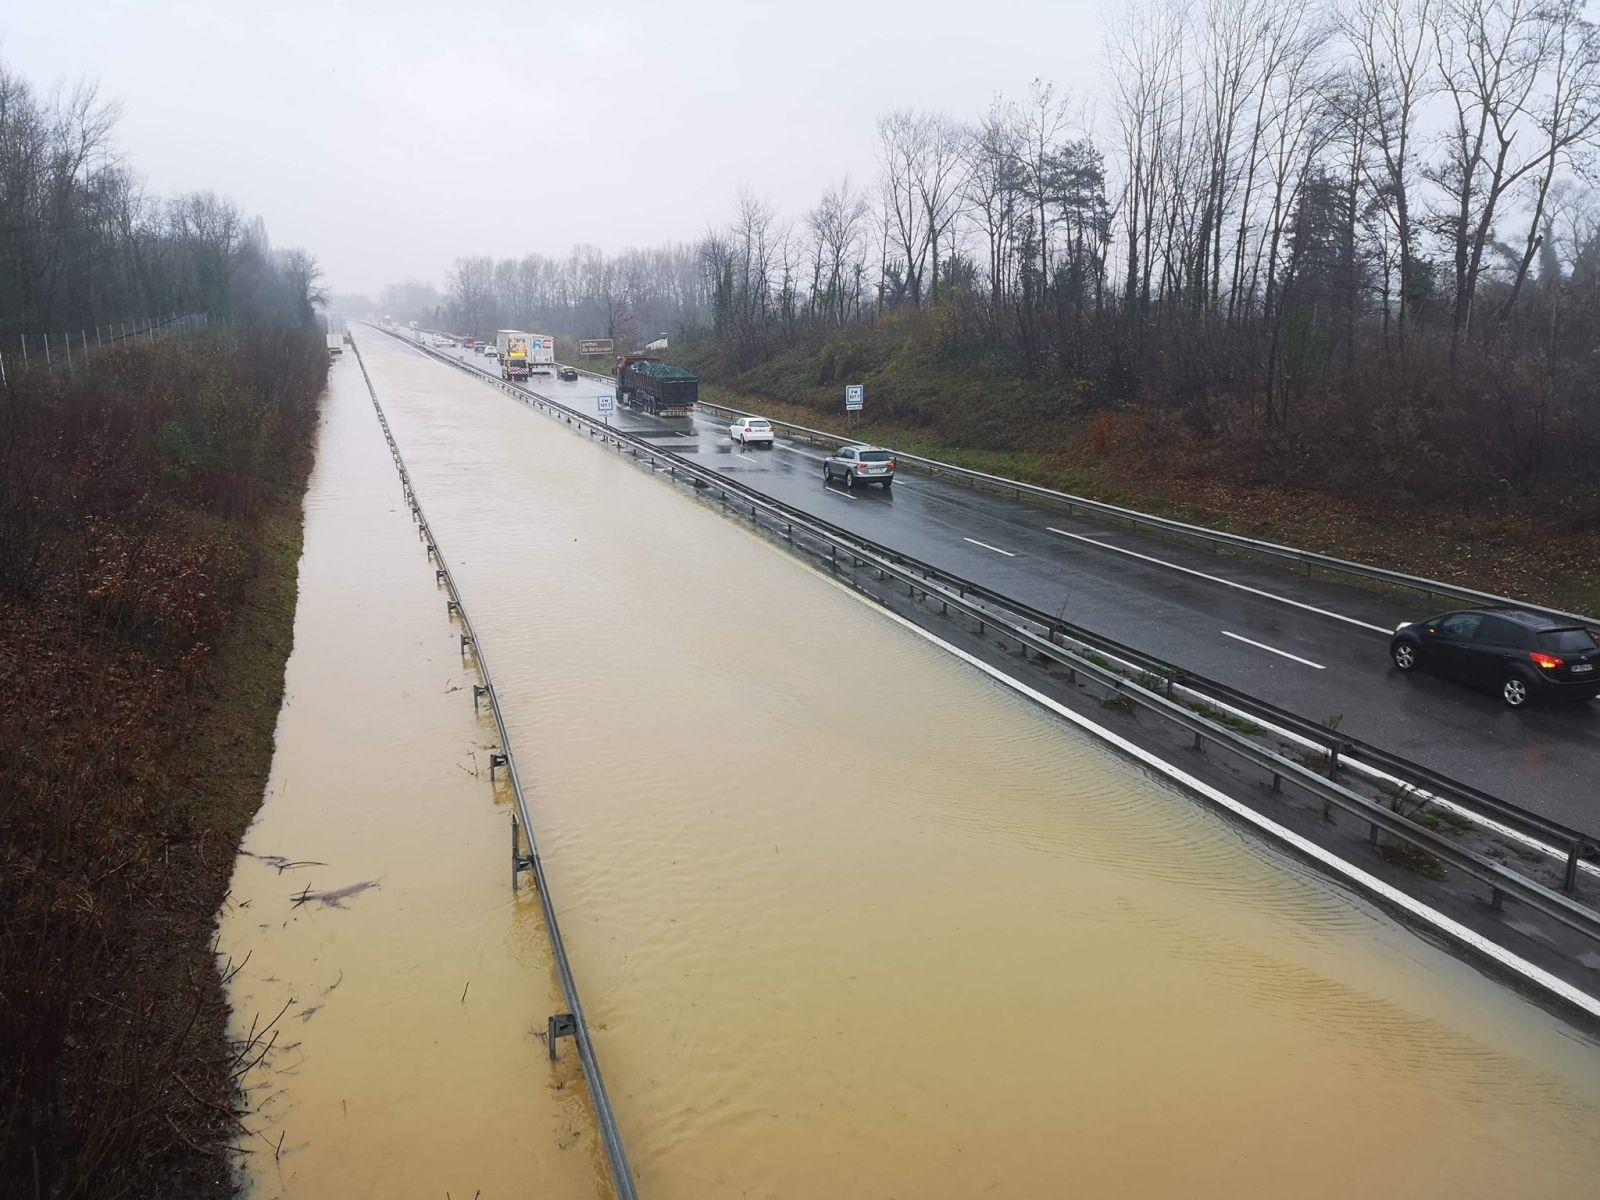 Image d'illustration pour Tempêtes et inondations : bilan des intempéries des 13/14 décembre